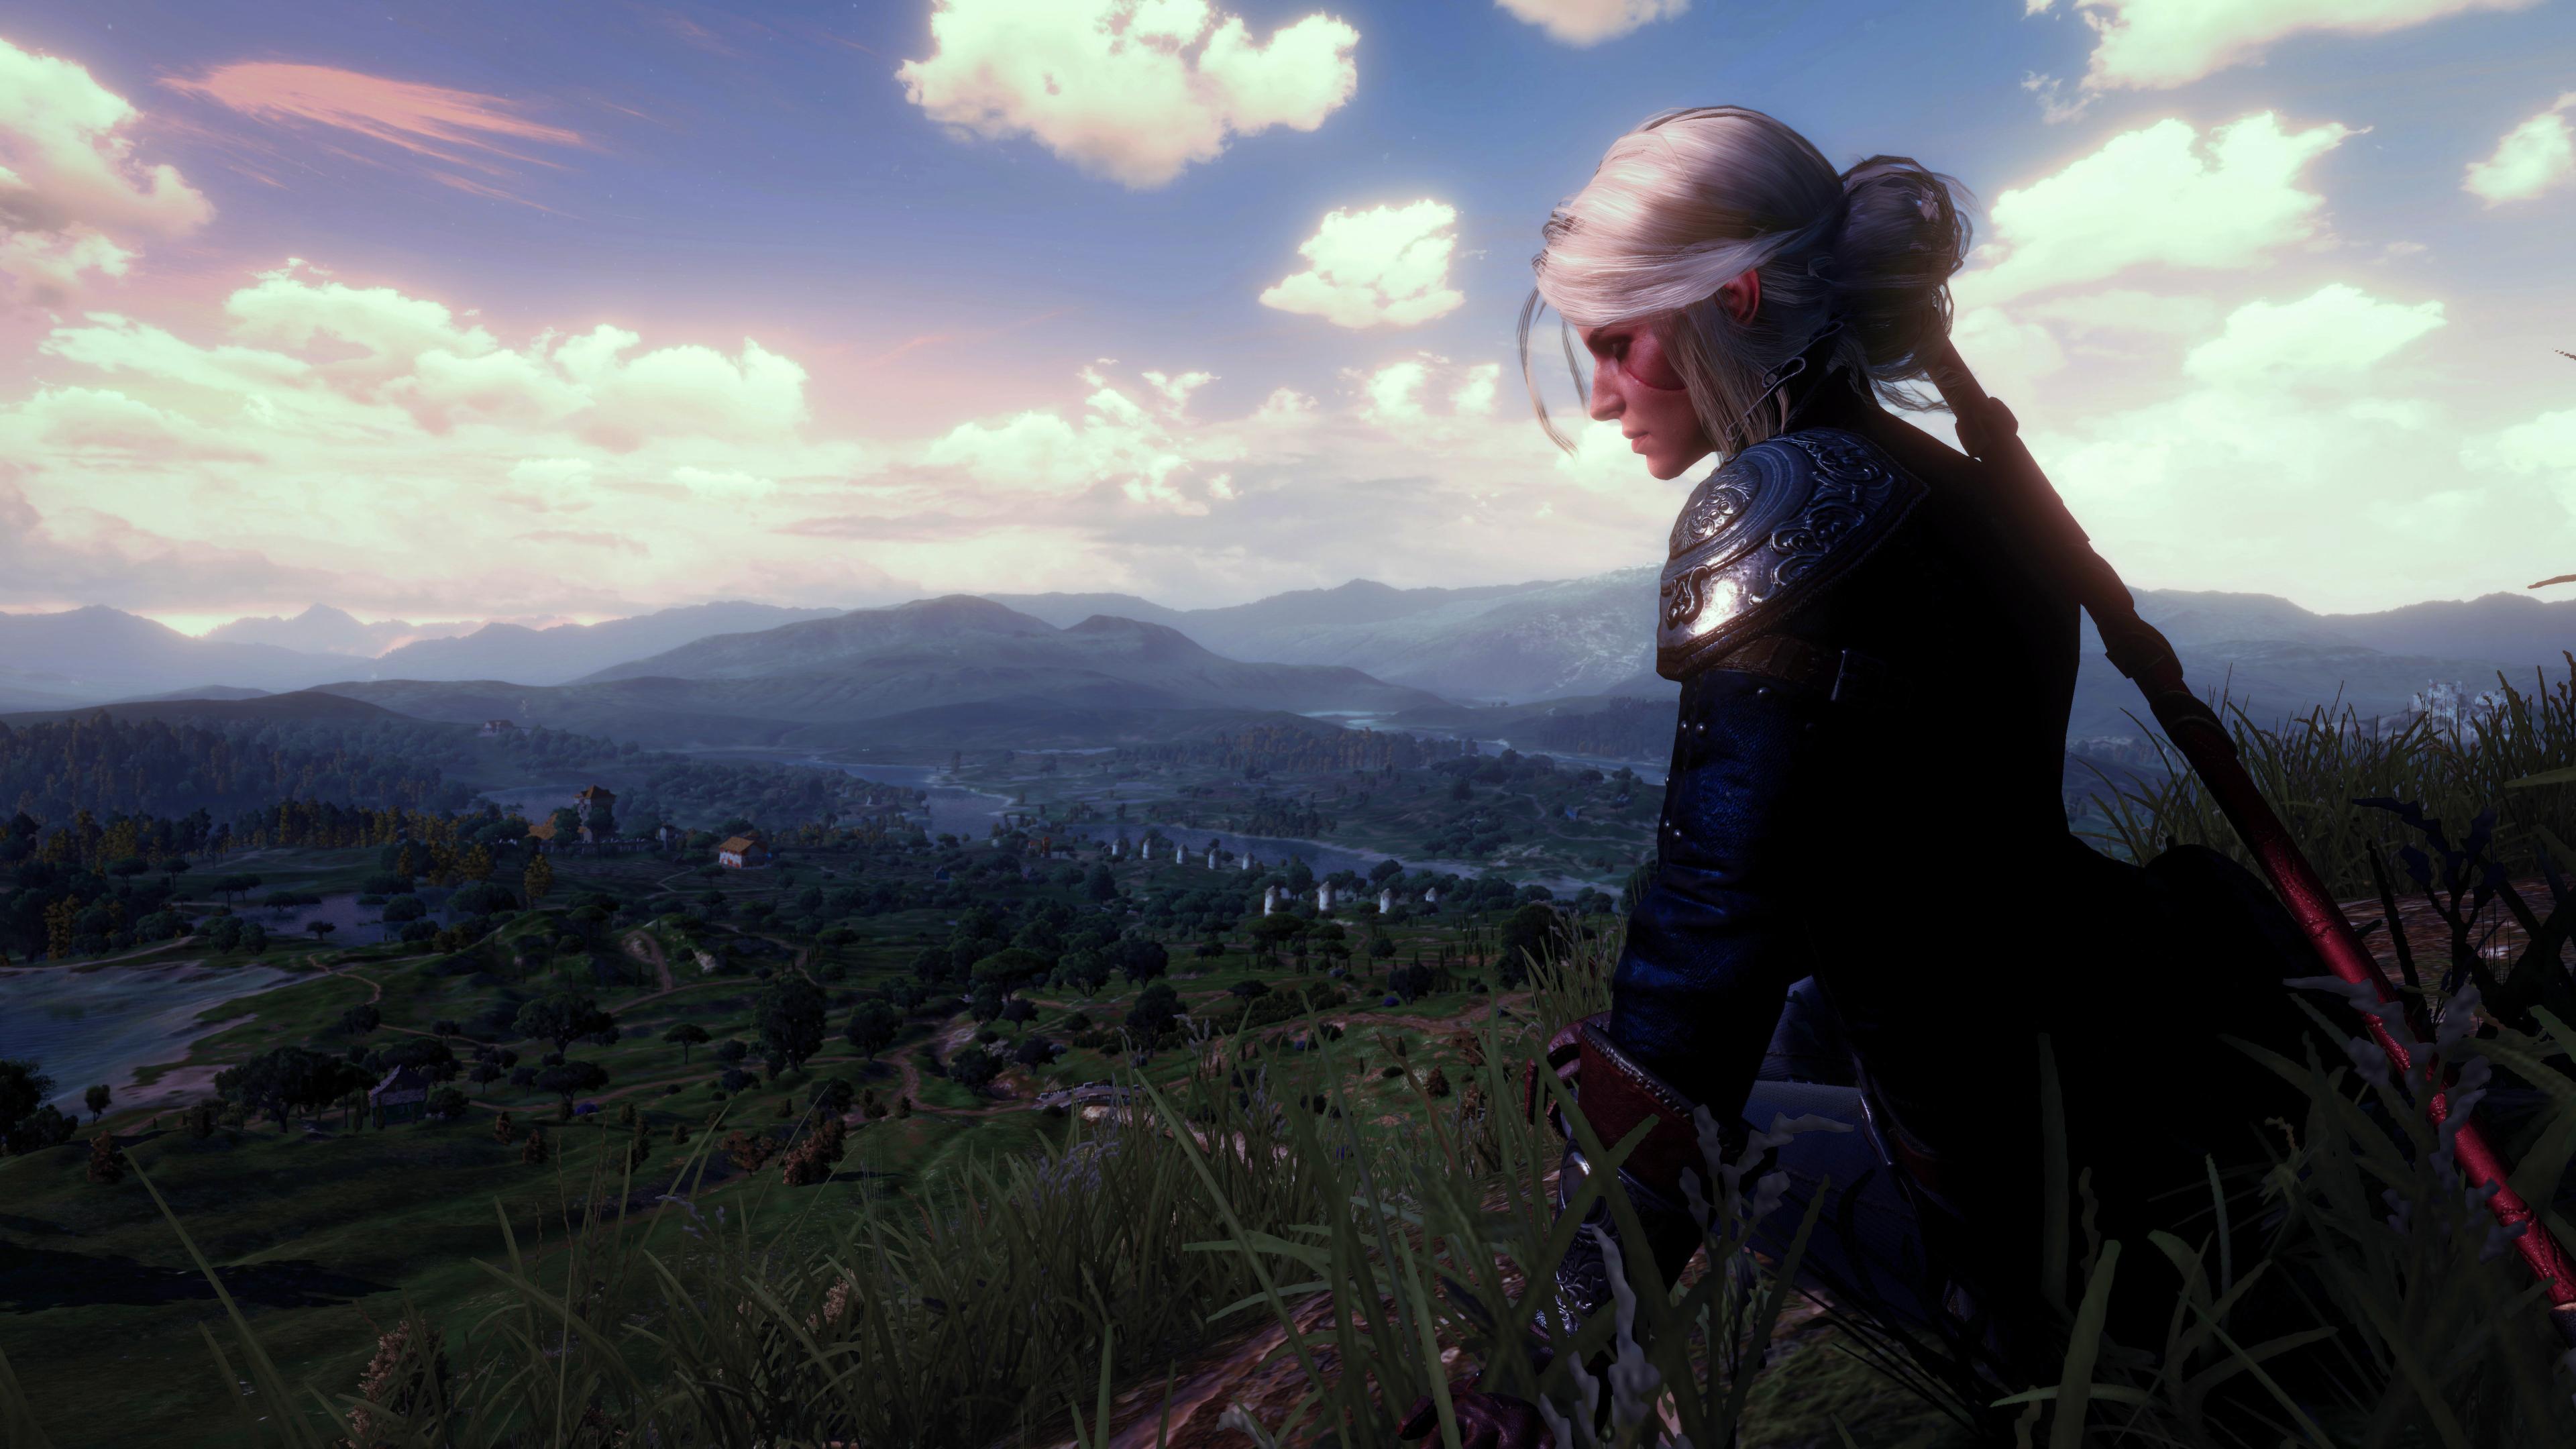 Ciri Witcher 3 Wild Hunt, HD 8K Wallpaper